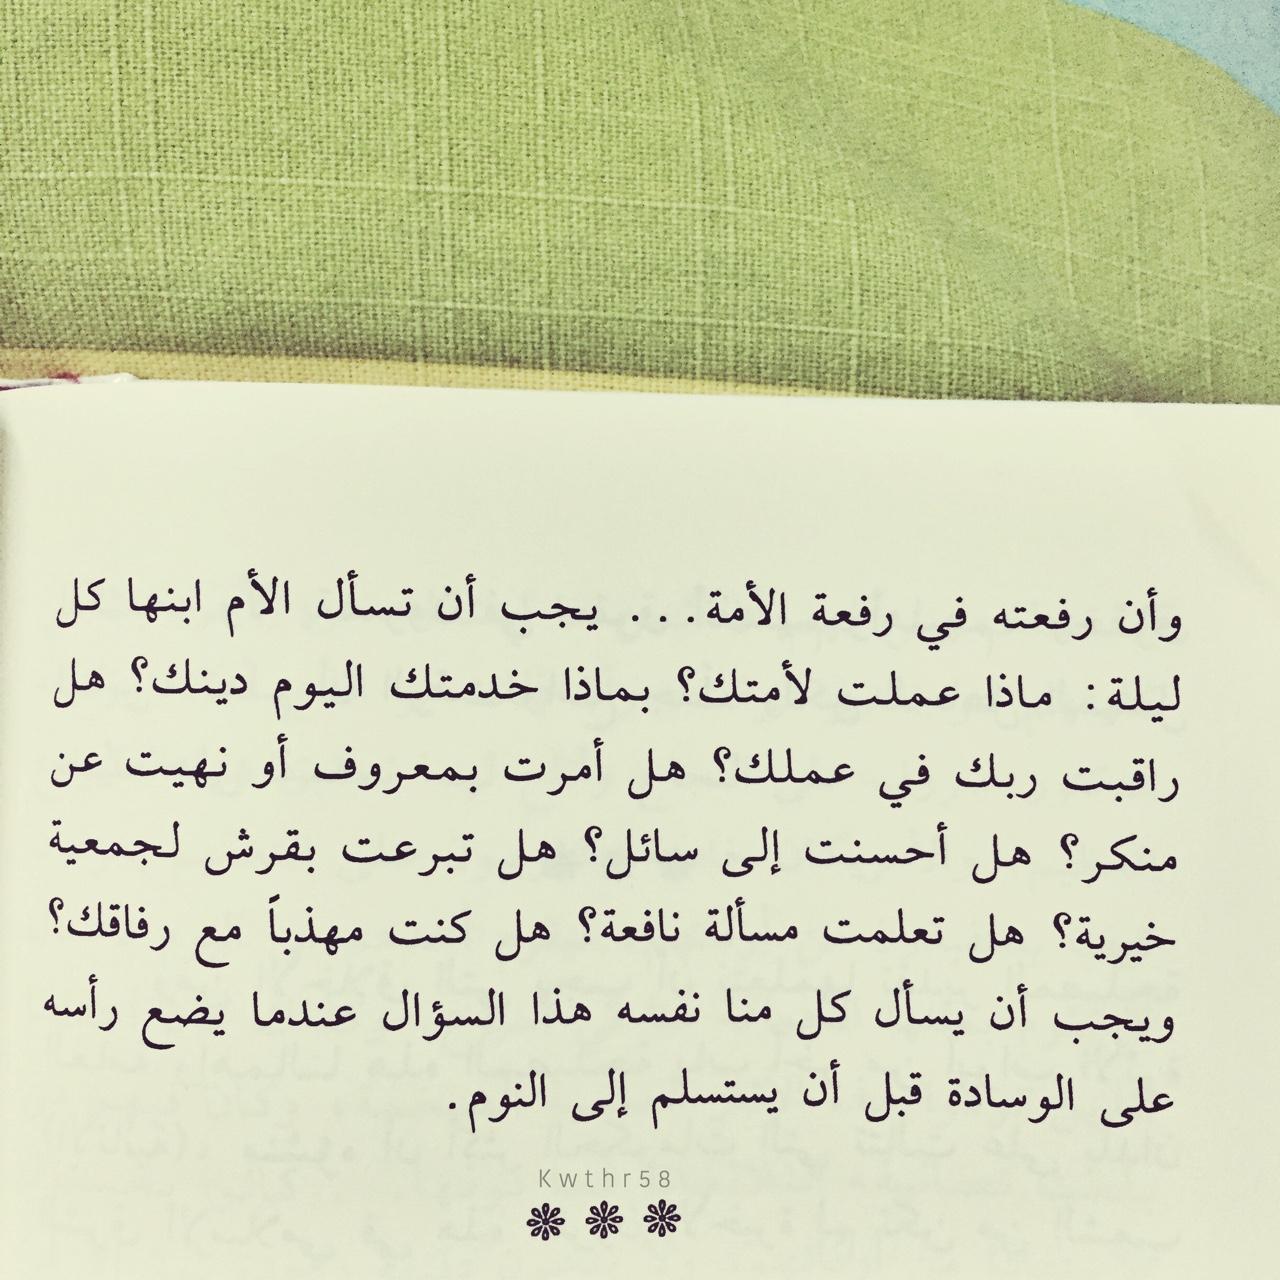 بالصور كلمات عن الام روعه , الام واجمل واصدق الكلمات عن الام 3682 7